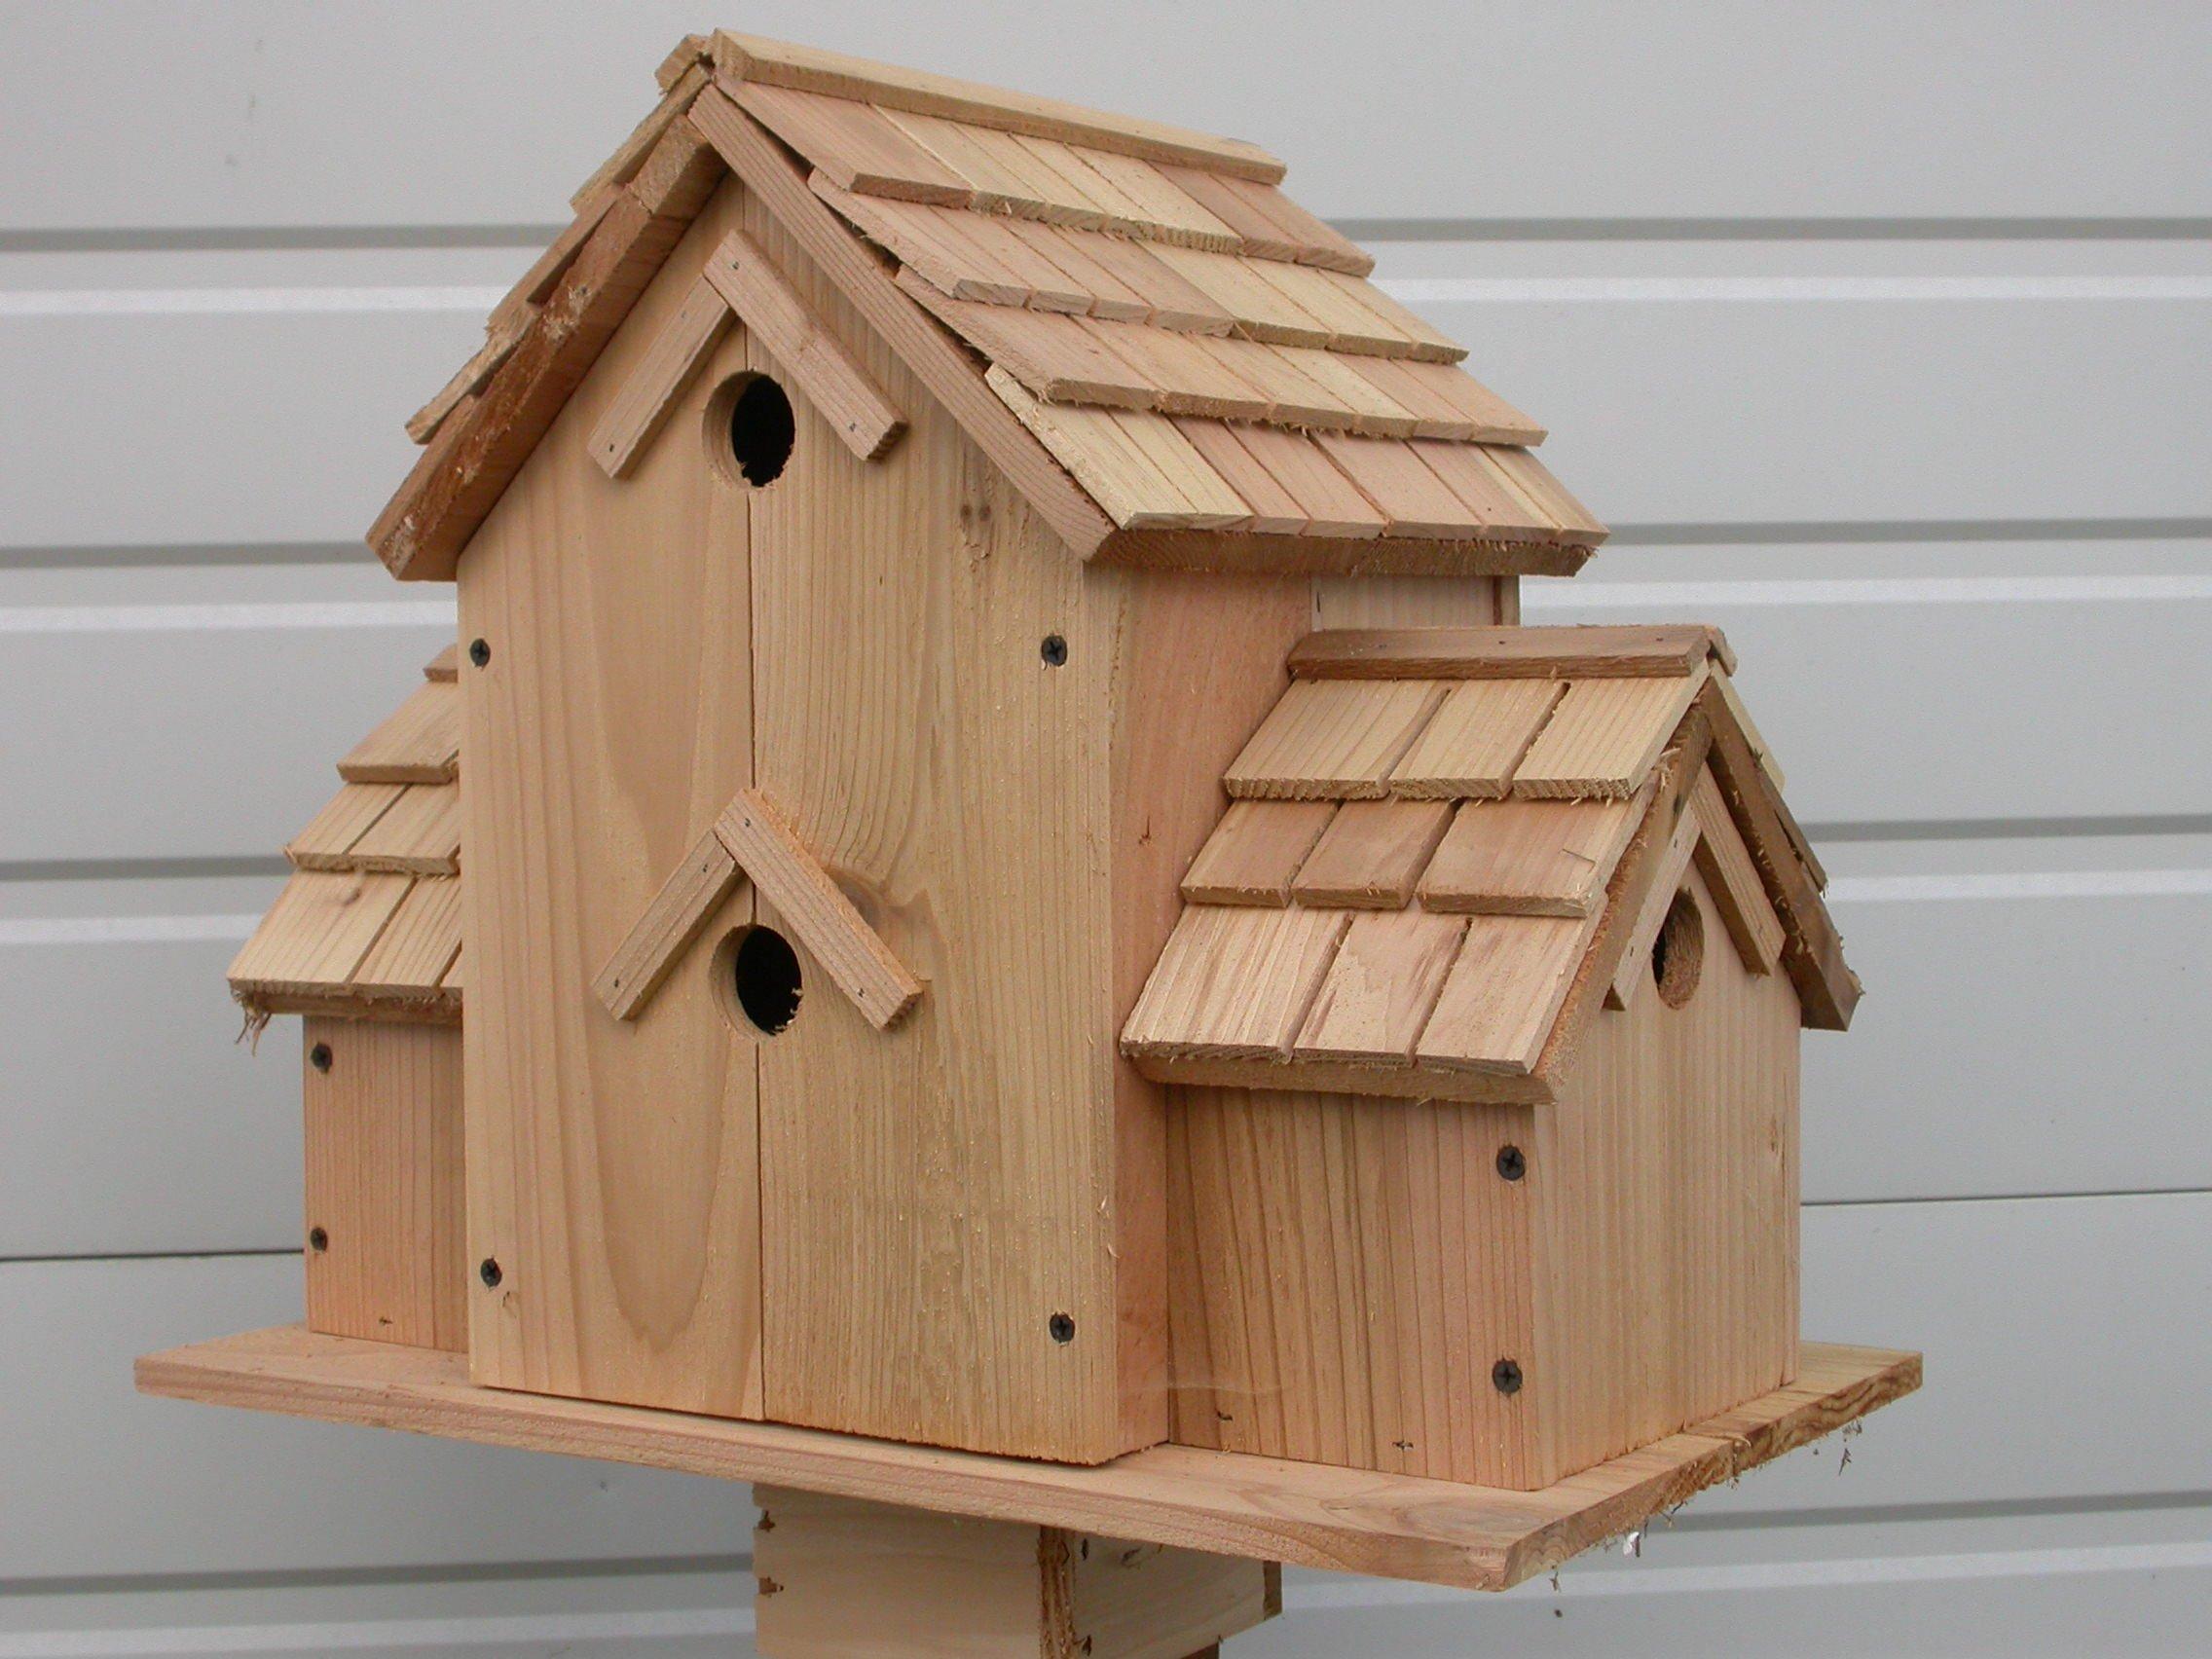 Cedarnest Cedar Birdhouse with 6 Seperate Compartments